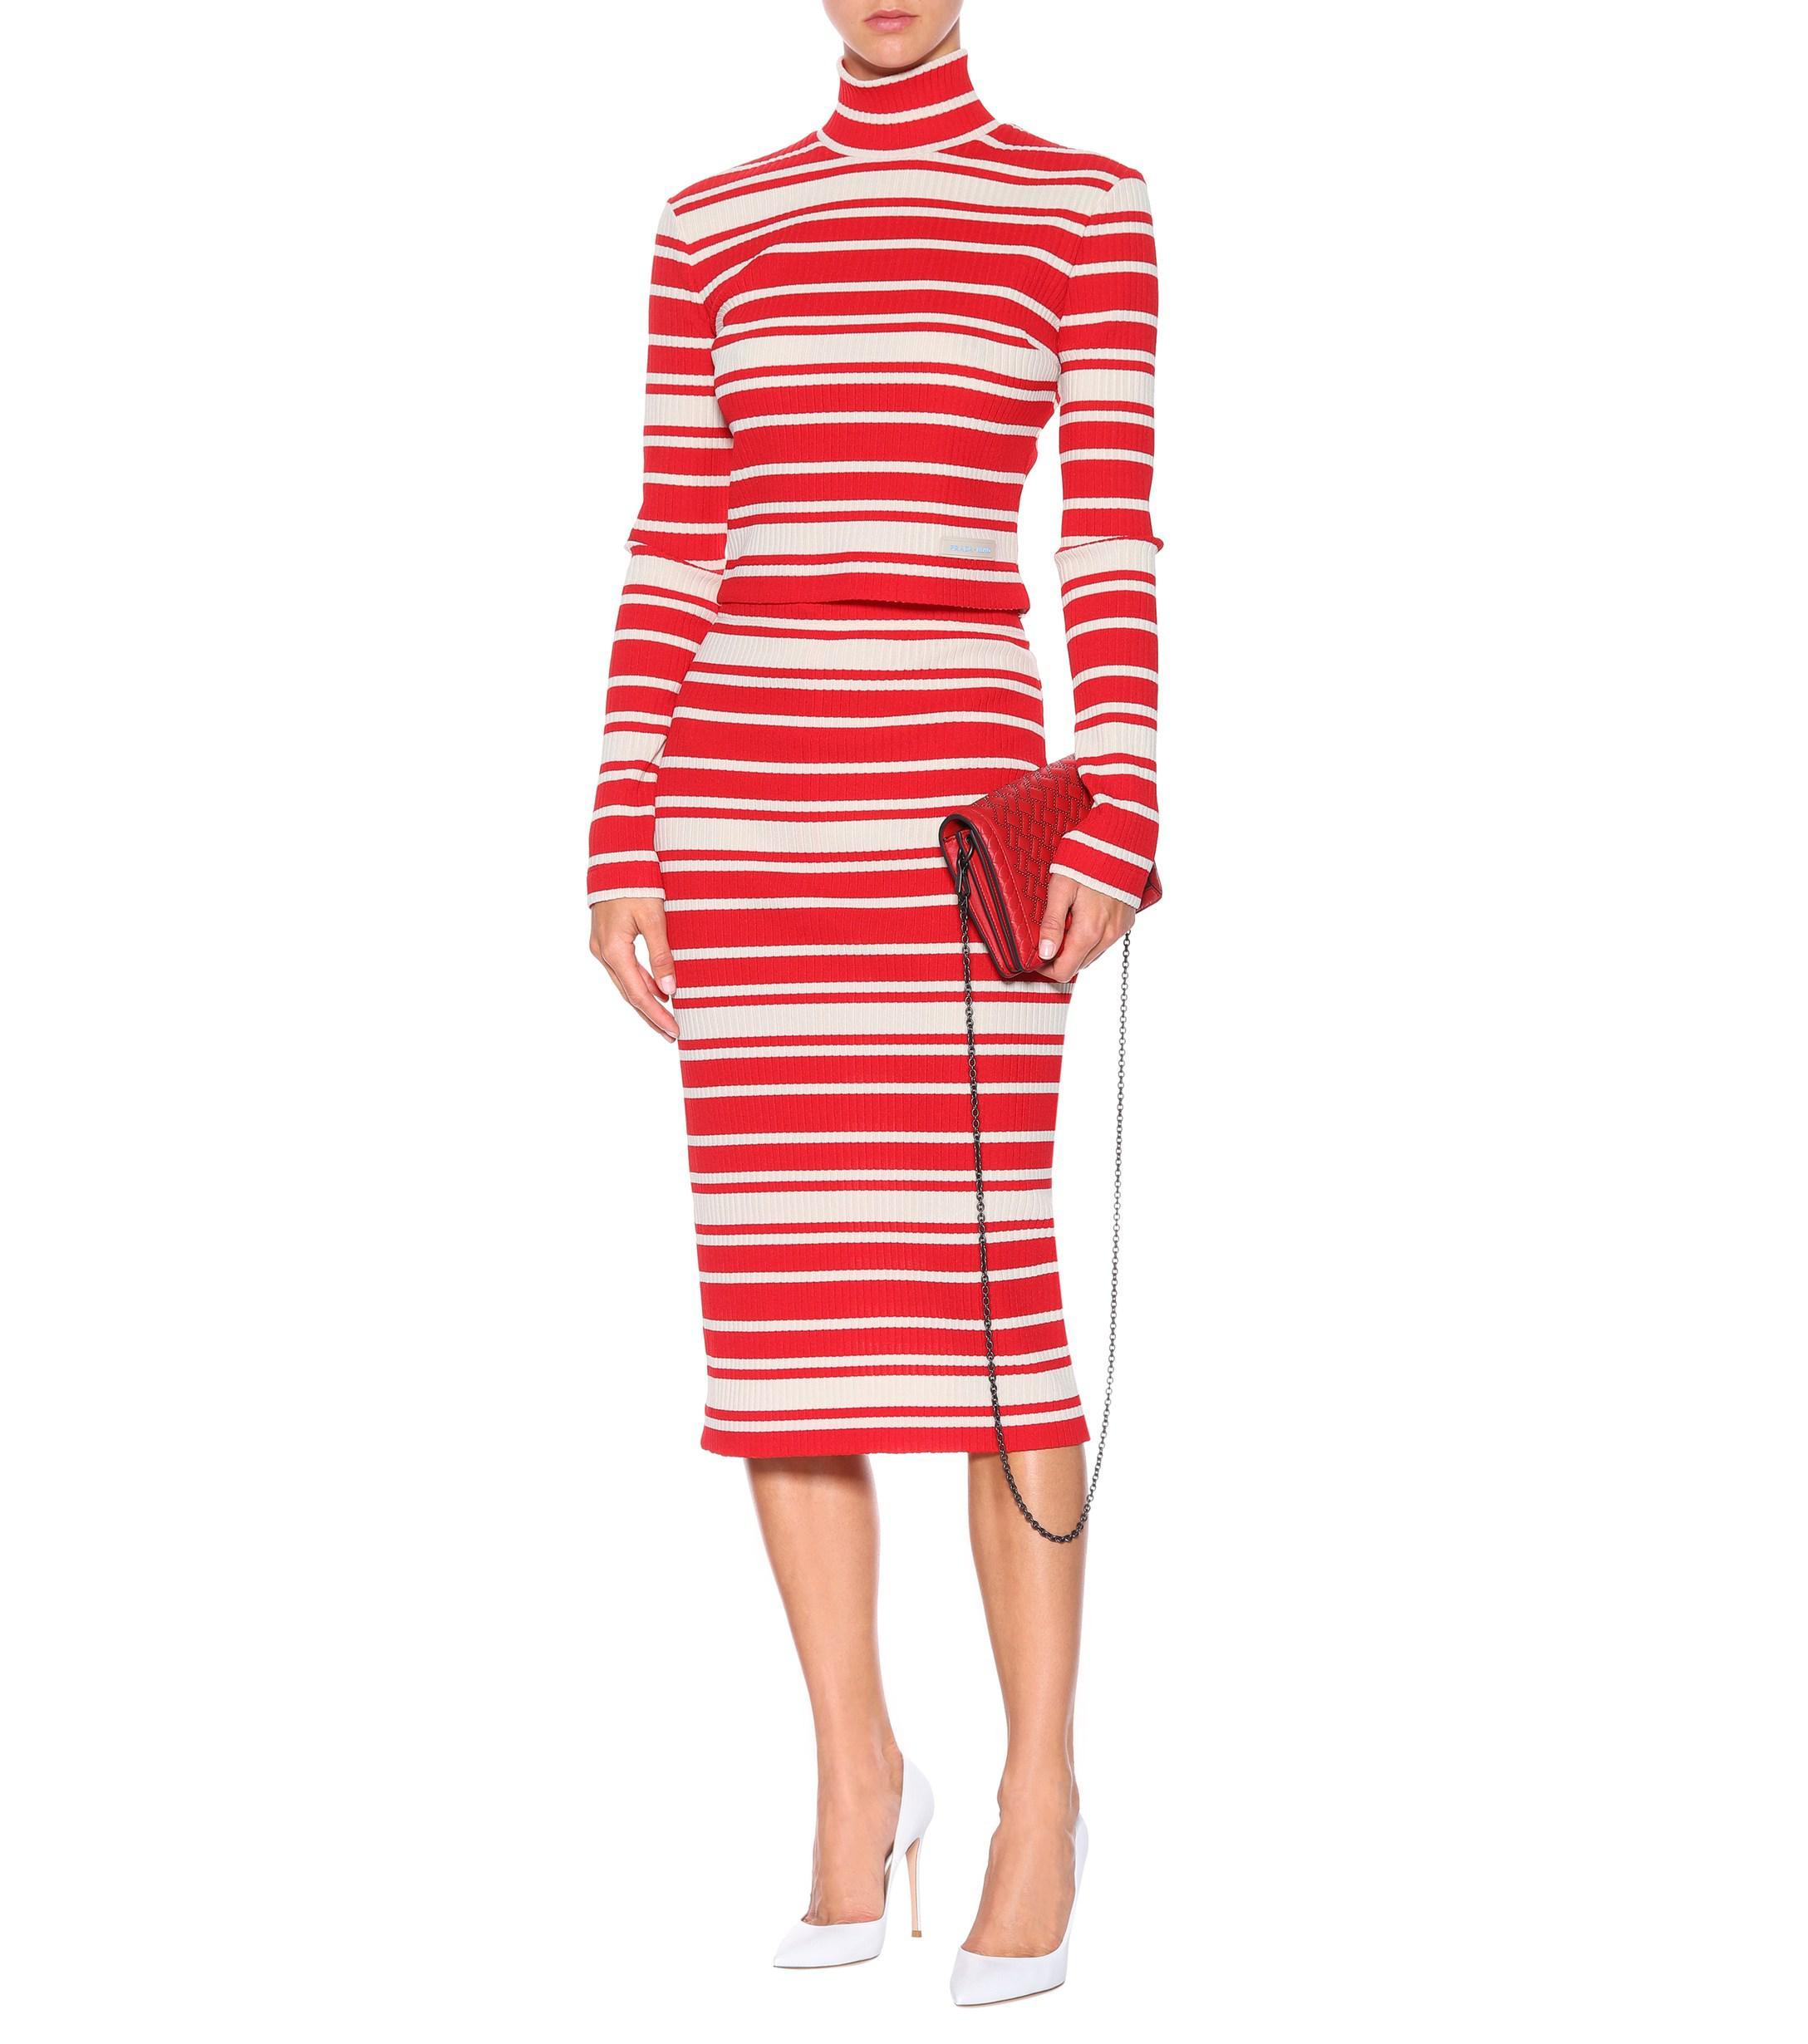 Prada Lyst Sweater Striped Red Neck Mock 0Afq0U